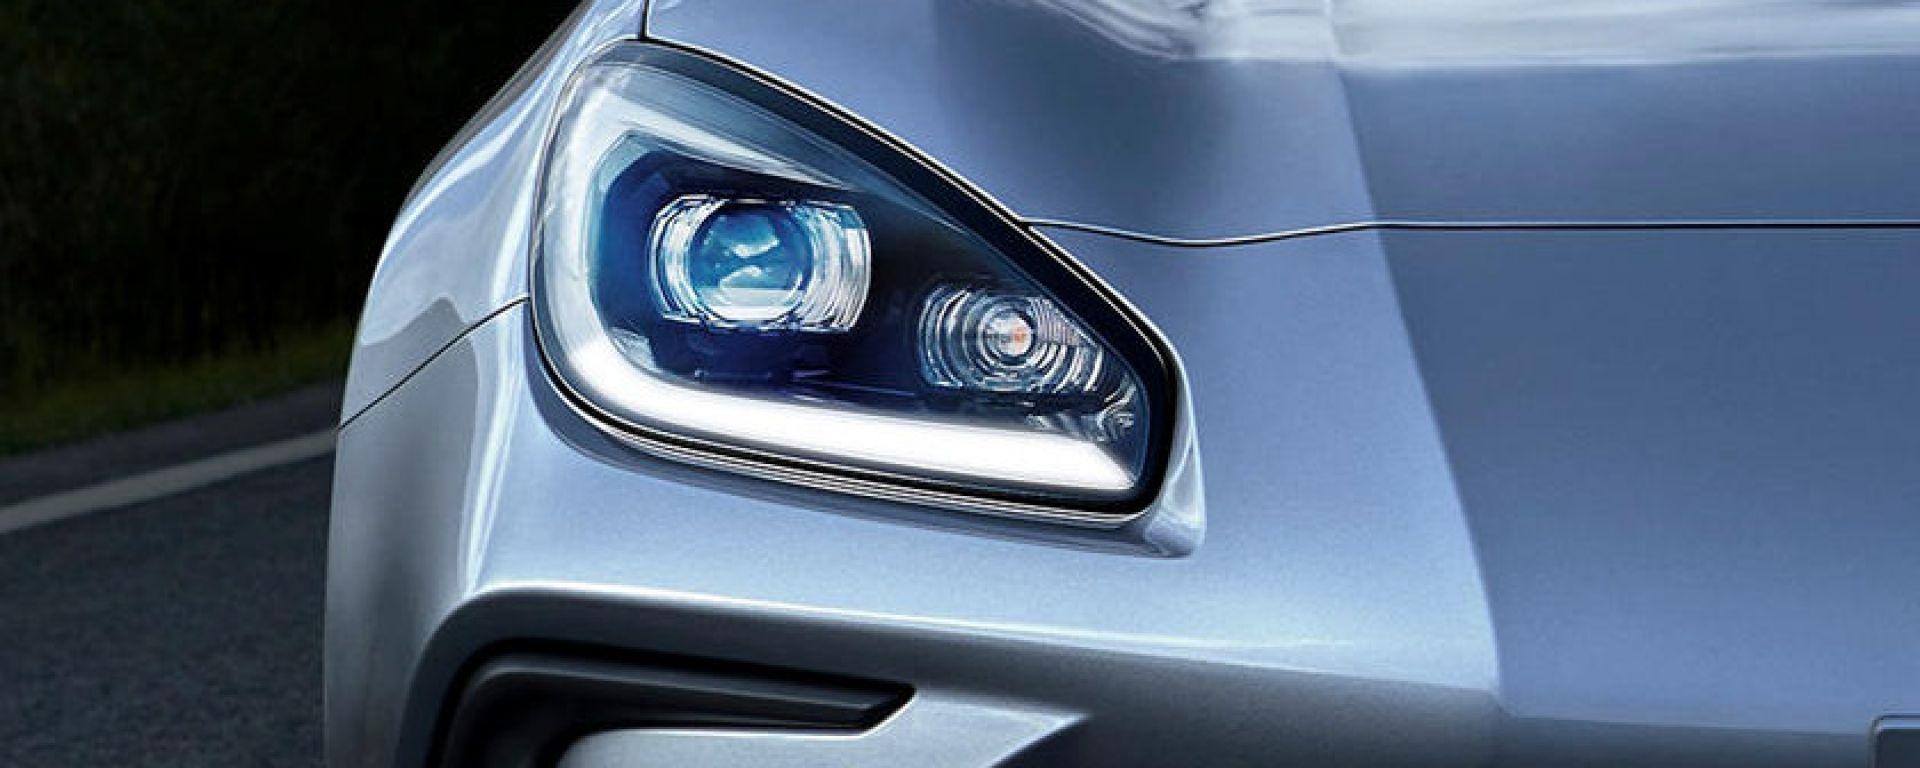 Nuova Subaru BRZ, il design dei fari anteriori